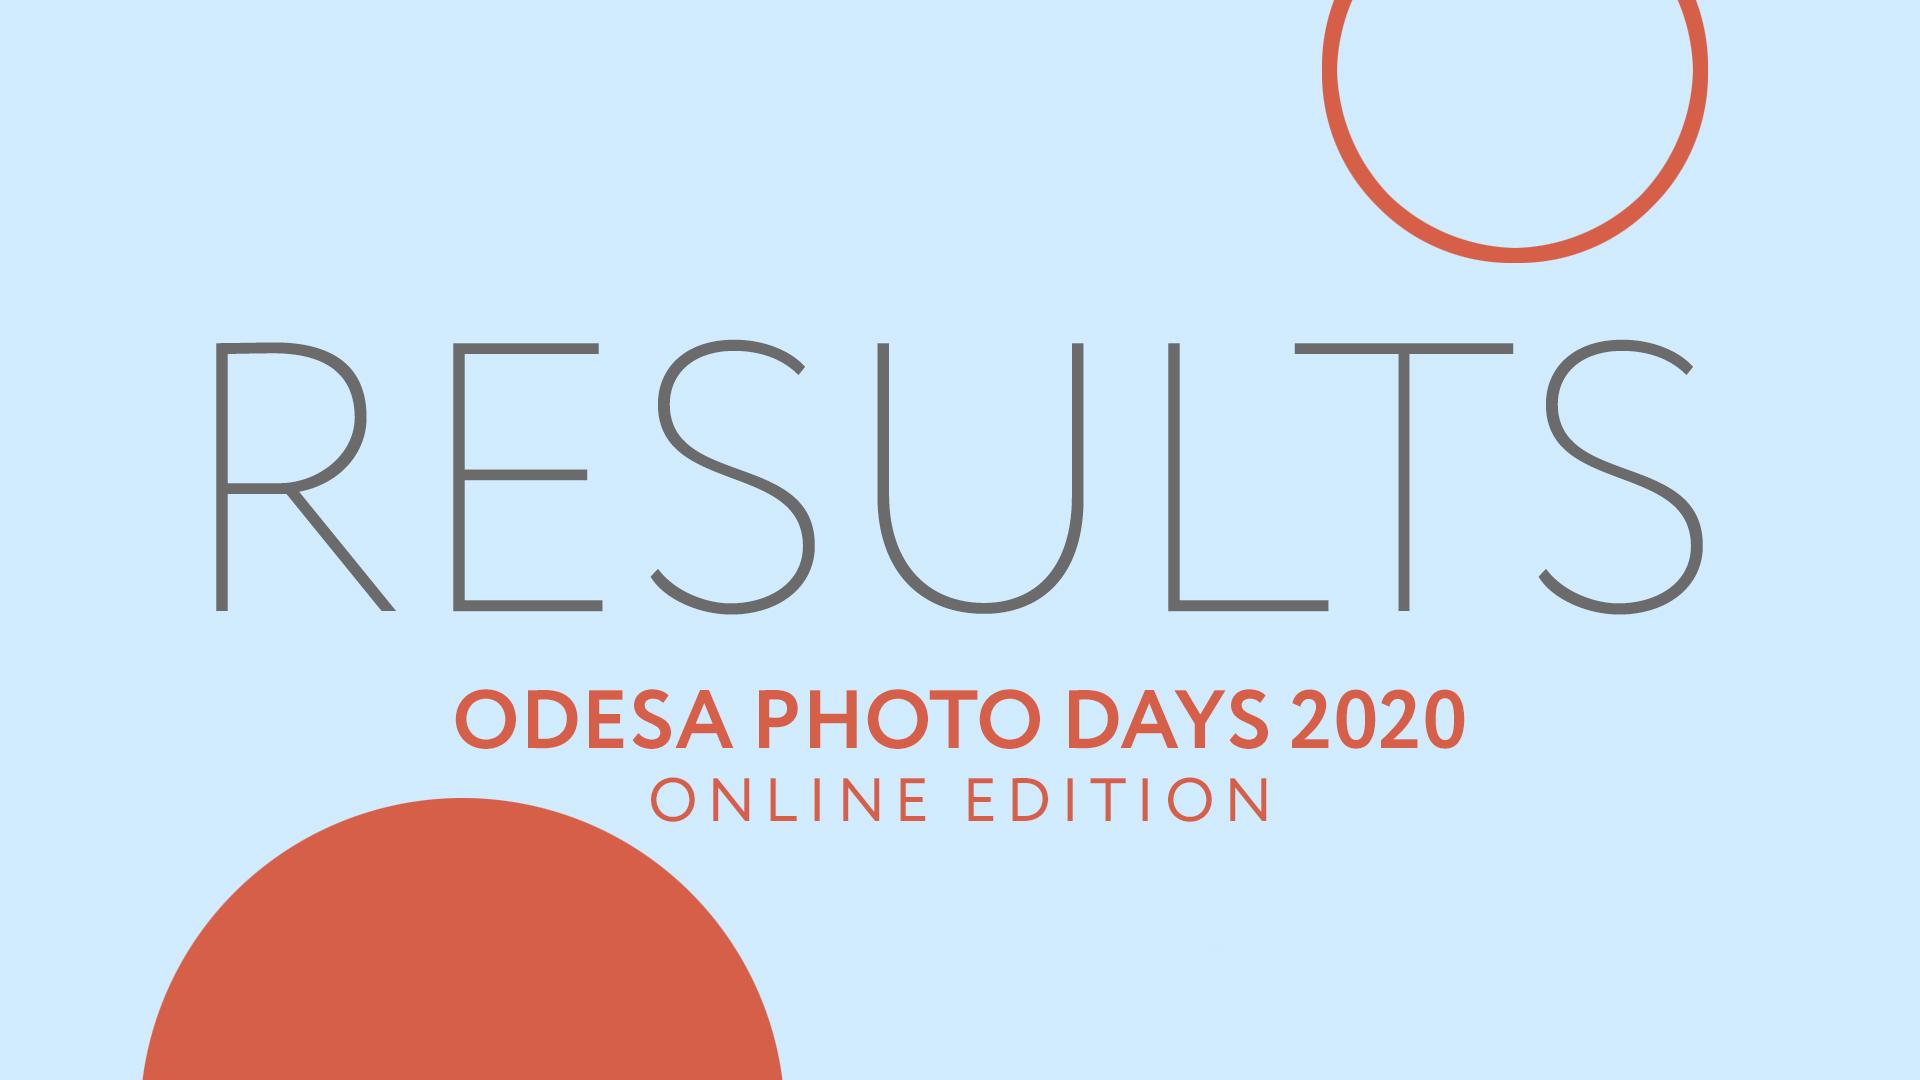 odesa photo days online edition